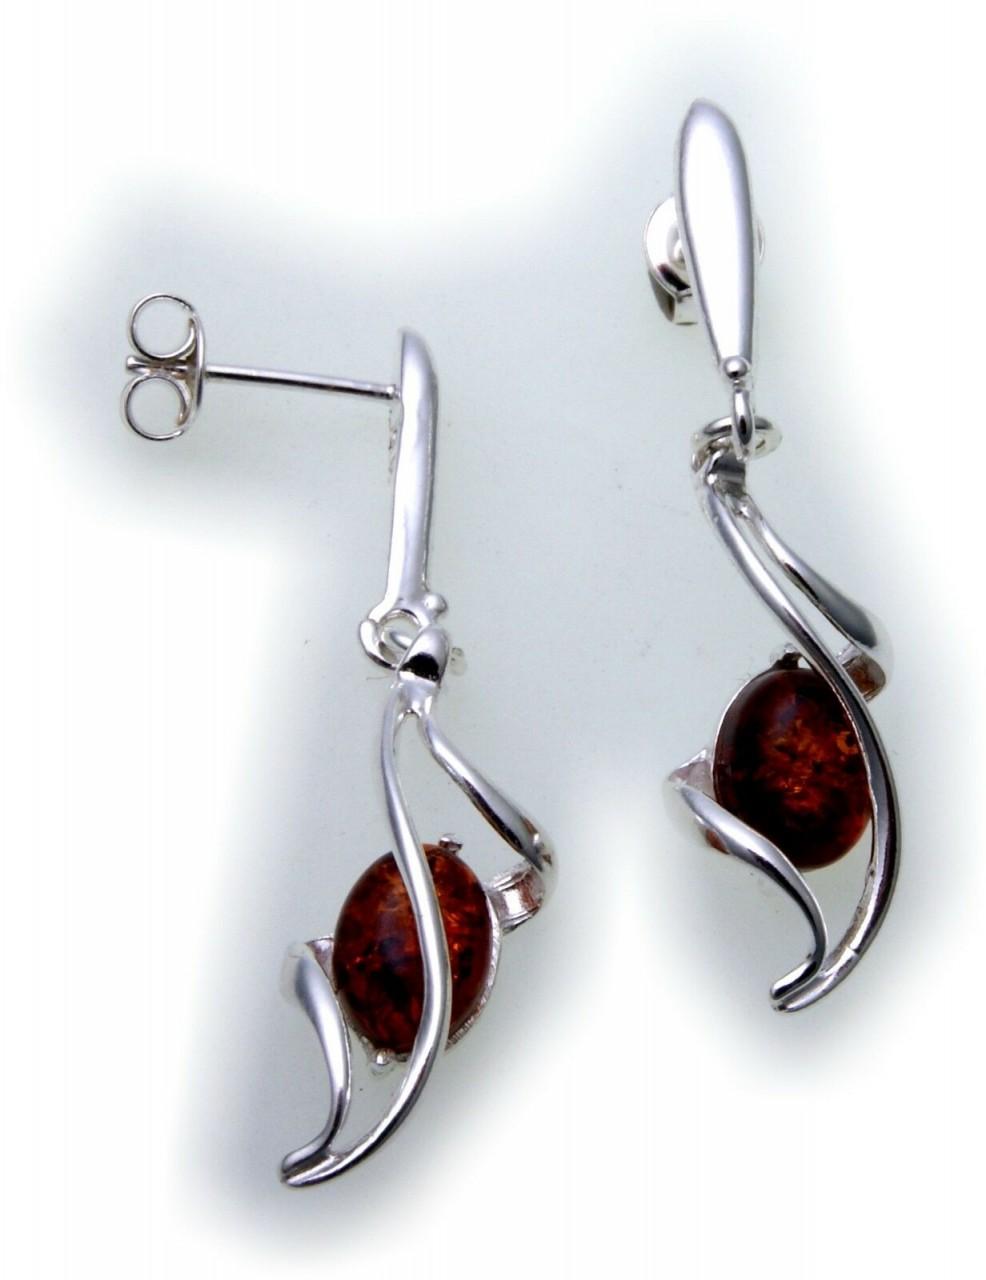 Ohrringe Hänger Bernstein 41 mm echt Silber 925 Sterlingsilber Unisex Qualität